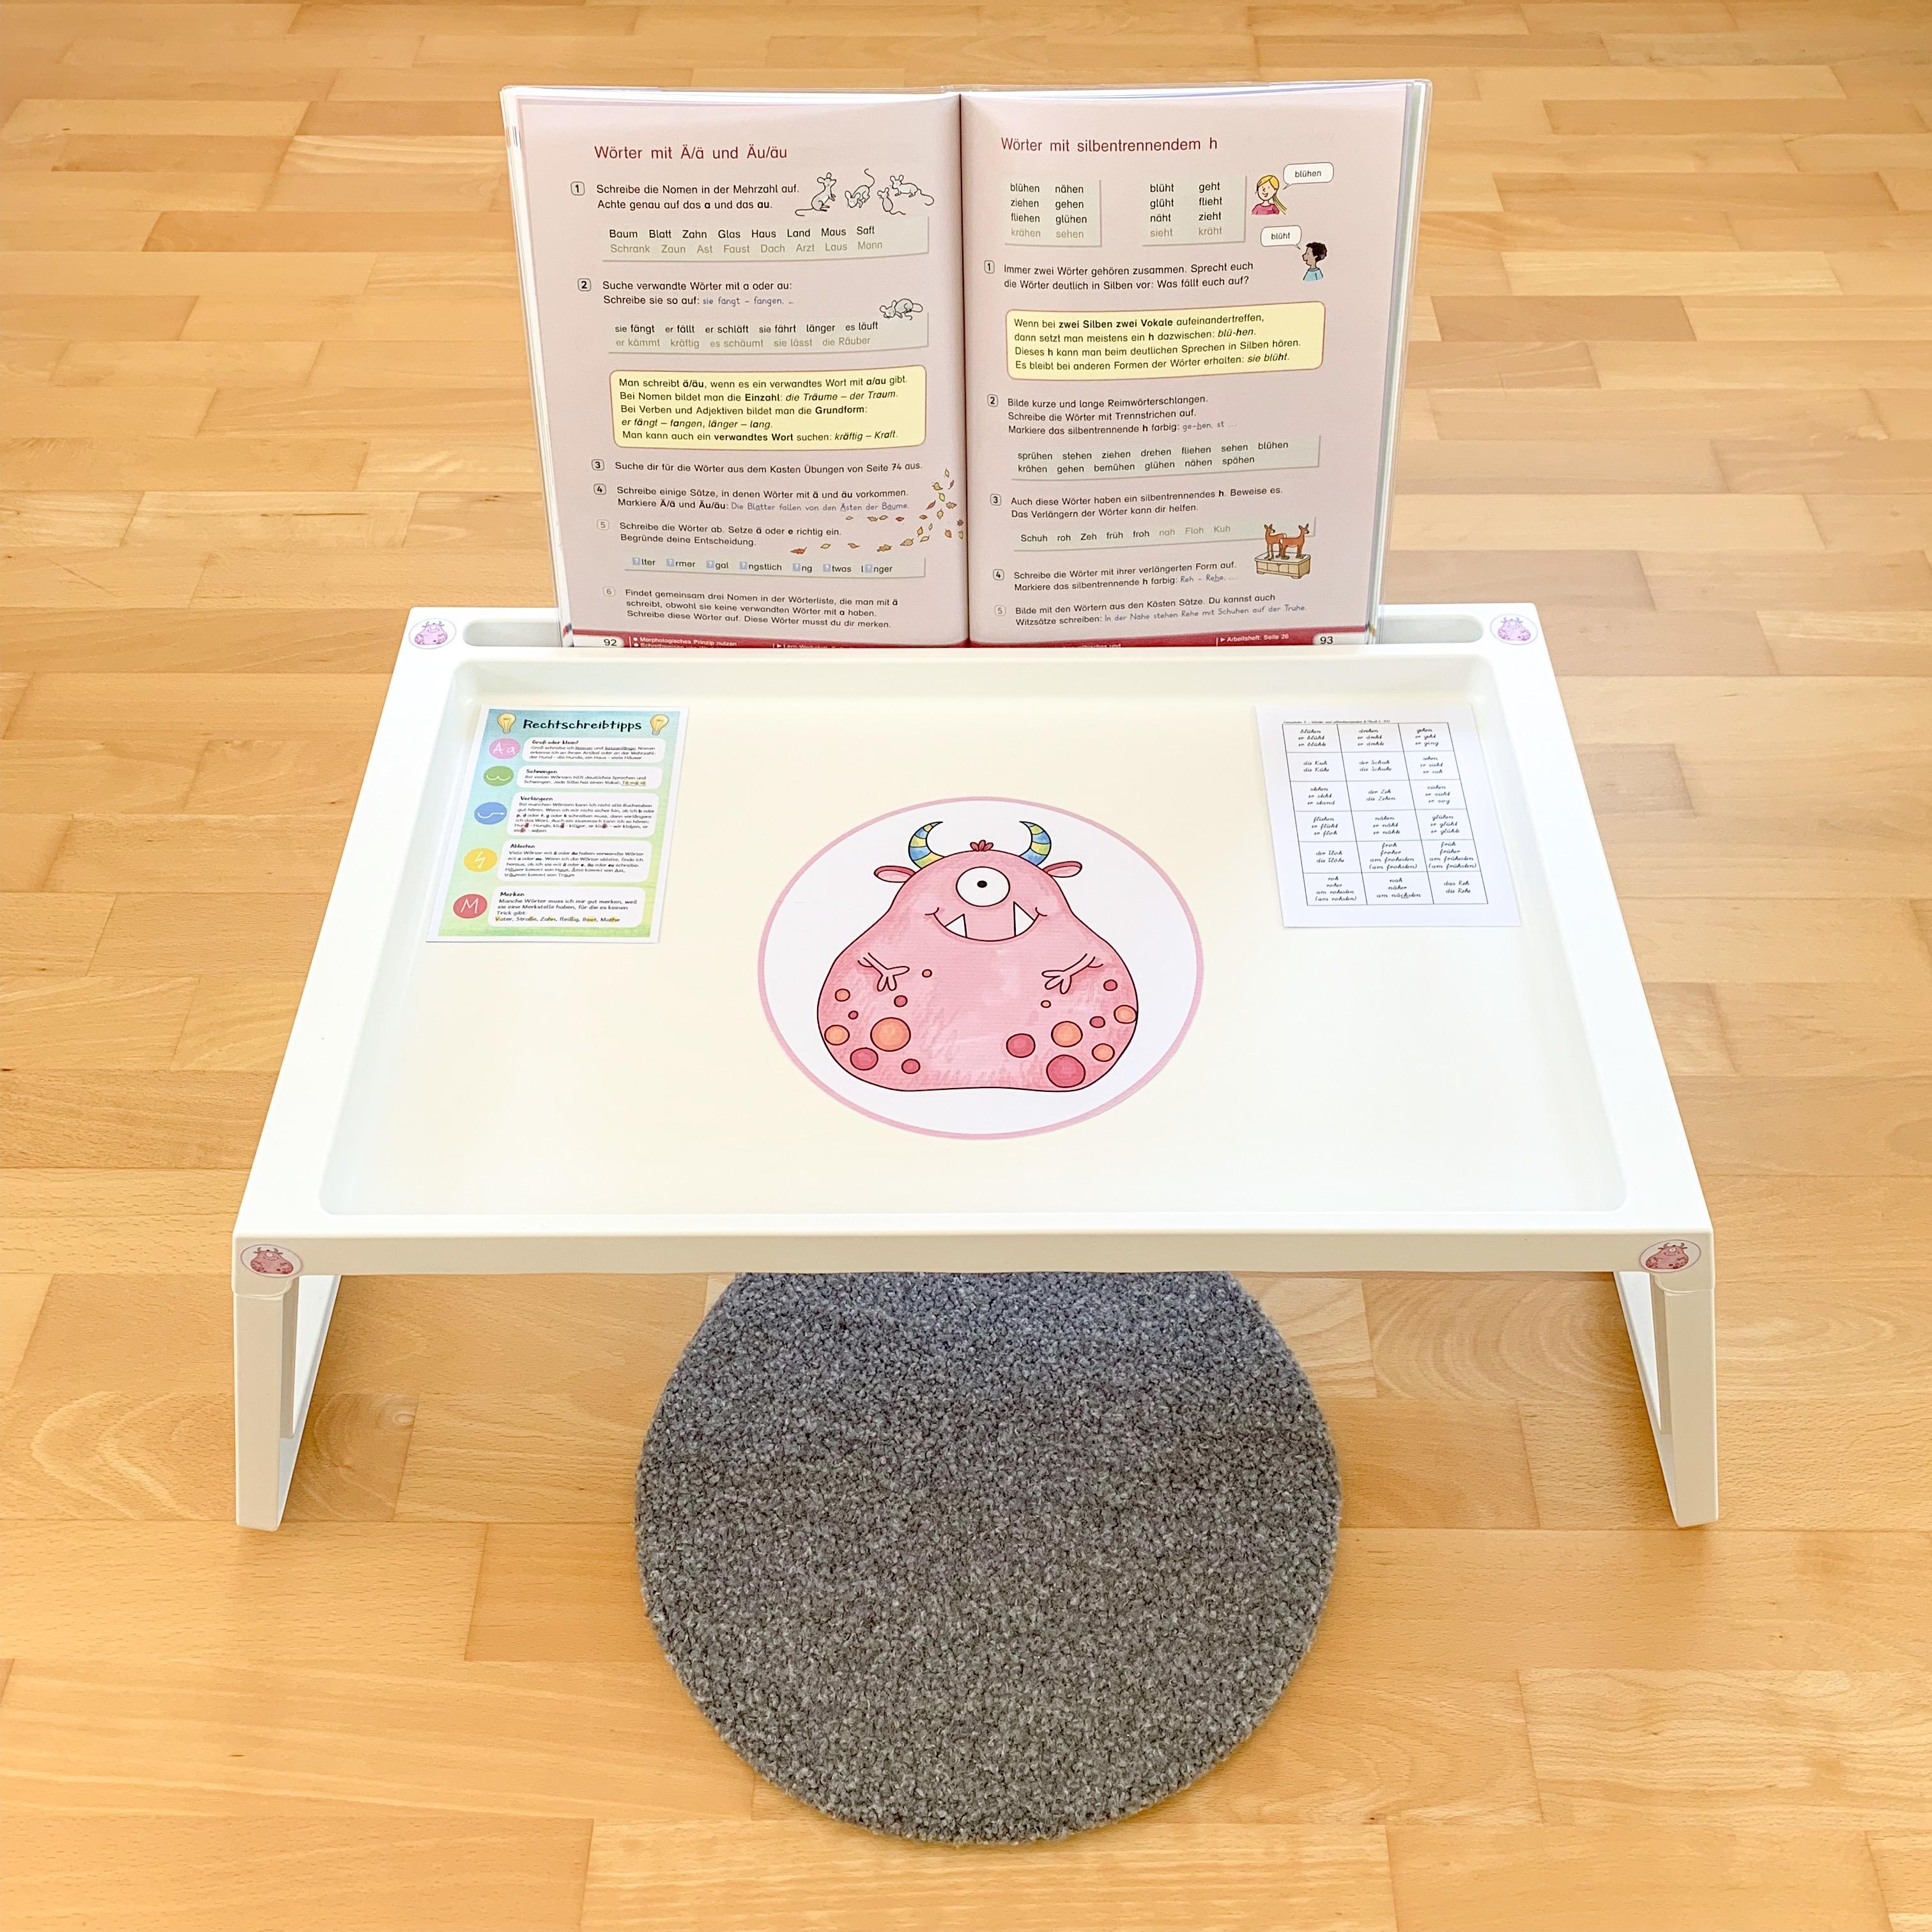 Flexible Sitzmöglichkeiten in der Grundschule